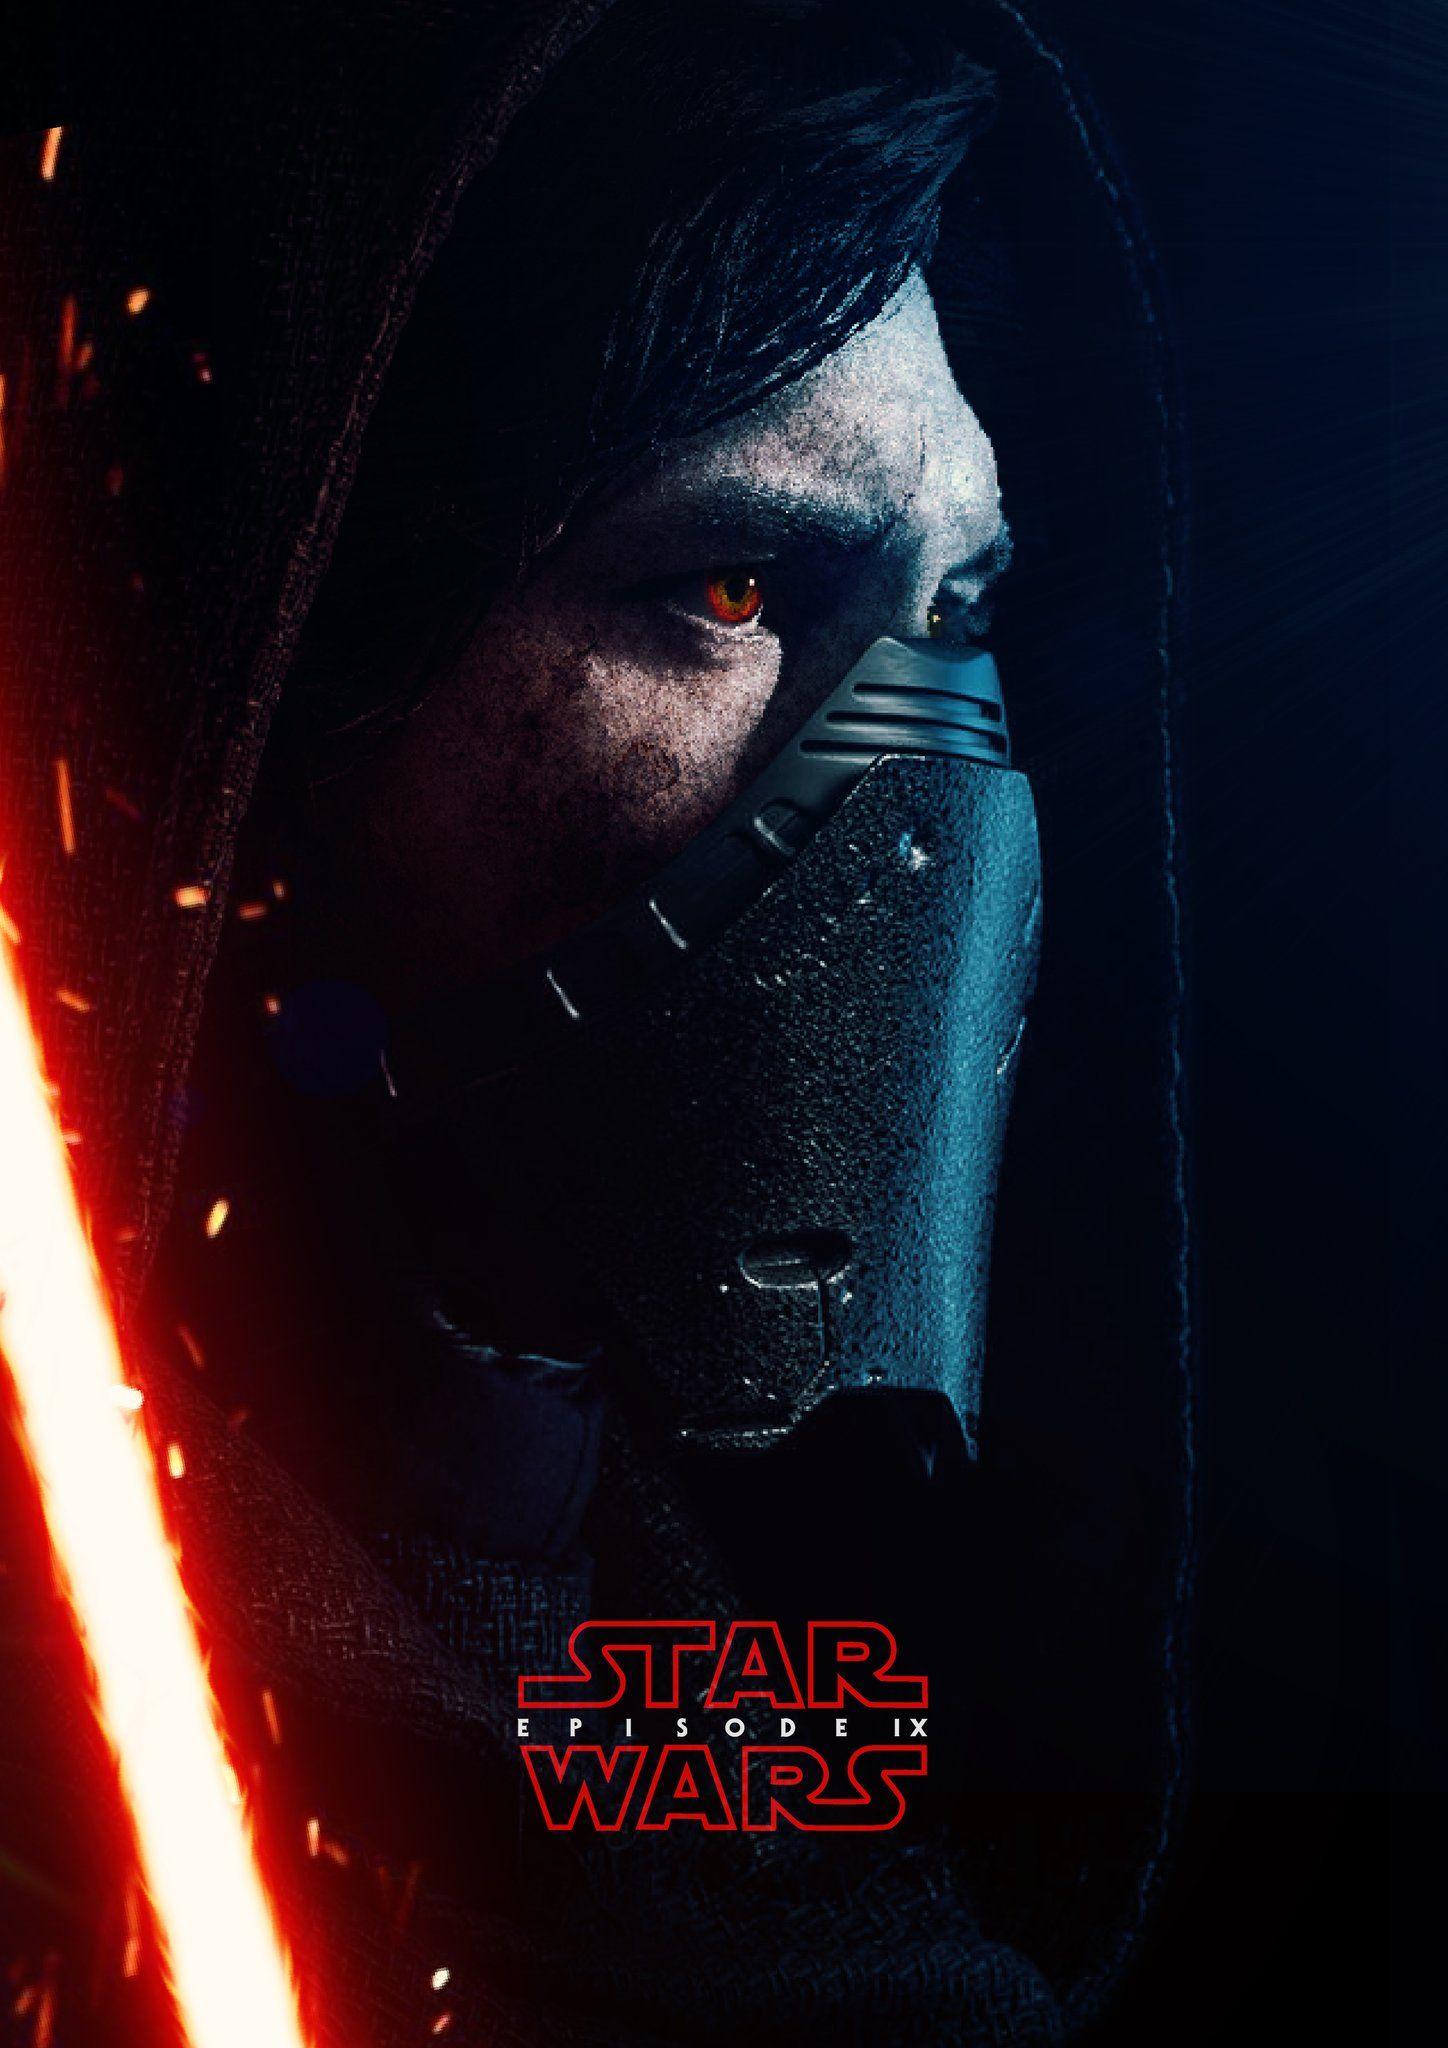 Image Result For Star Wars Episode 9 Sequels Concept Art